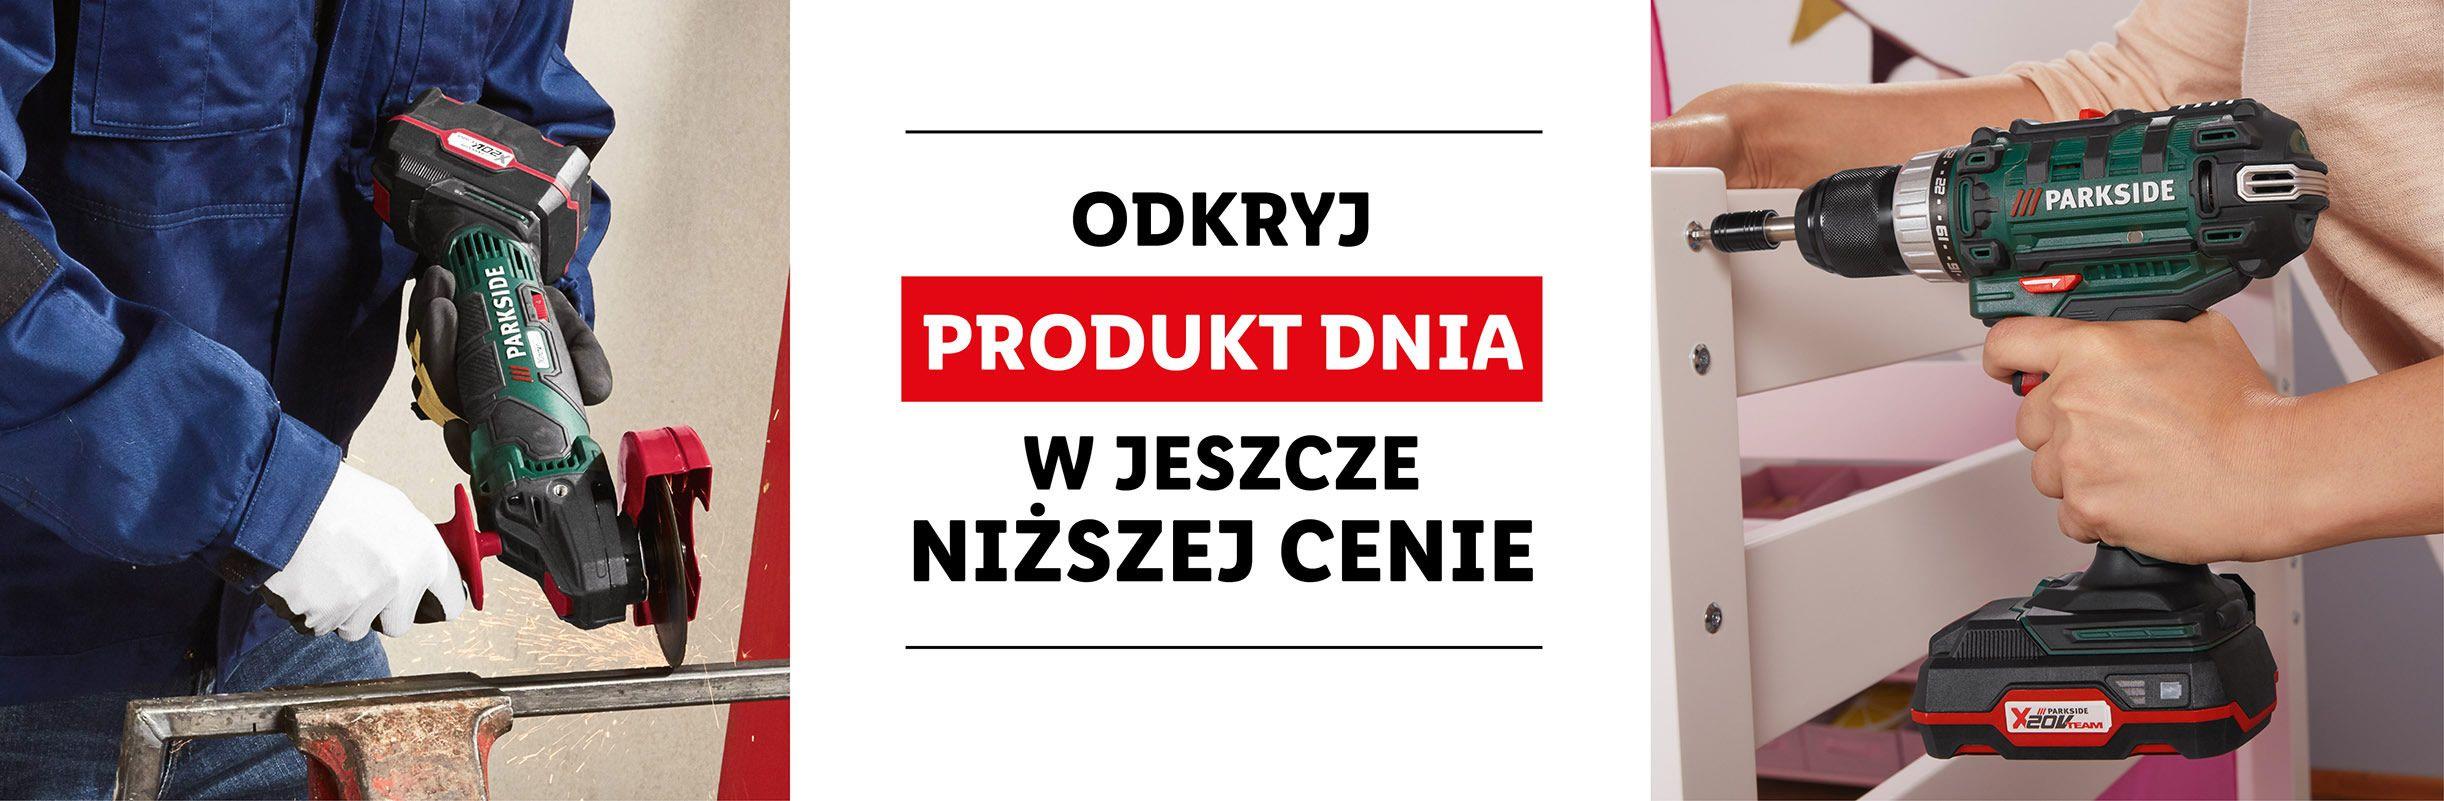 PRODUKT DNIA w sklepie internetowym lidl online - Wkrętarka 20v za 129zł!!!, wkrętarka 20v performance za 249 i inne narzędzia!